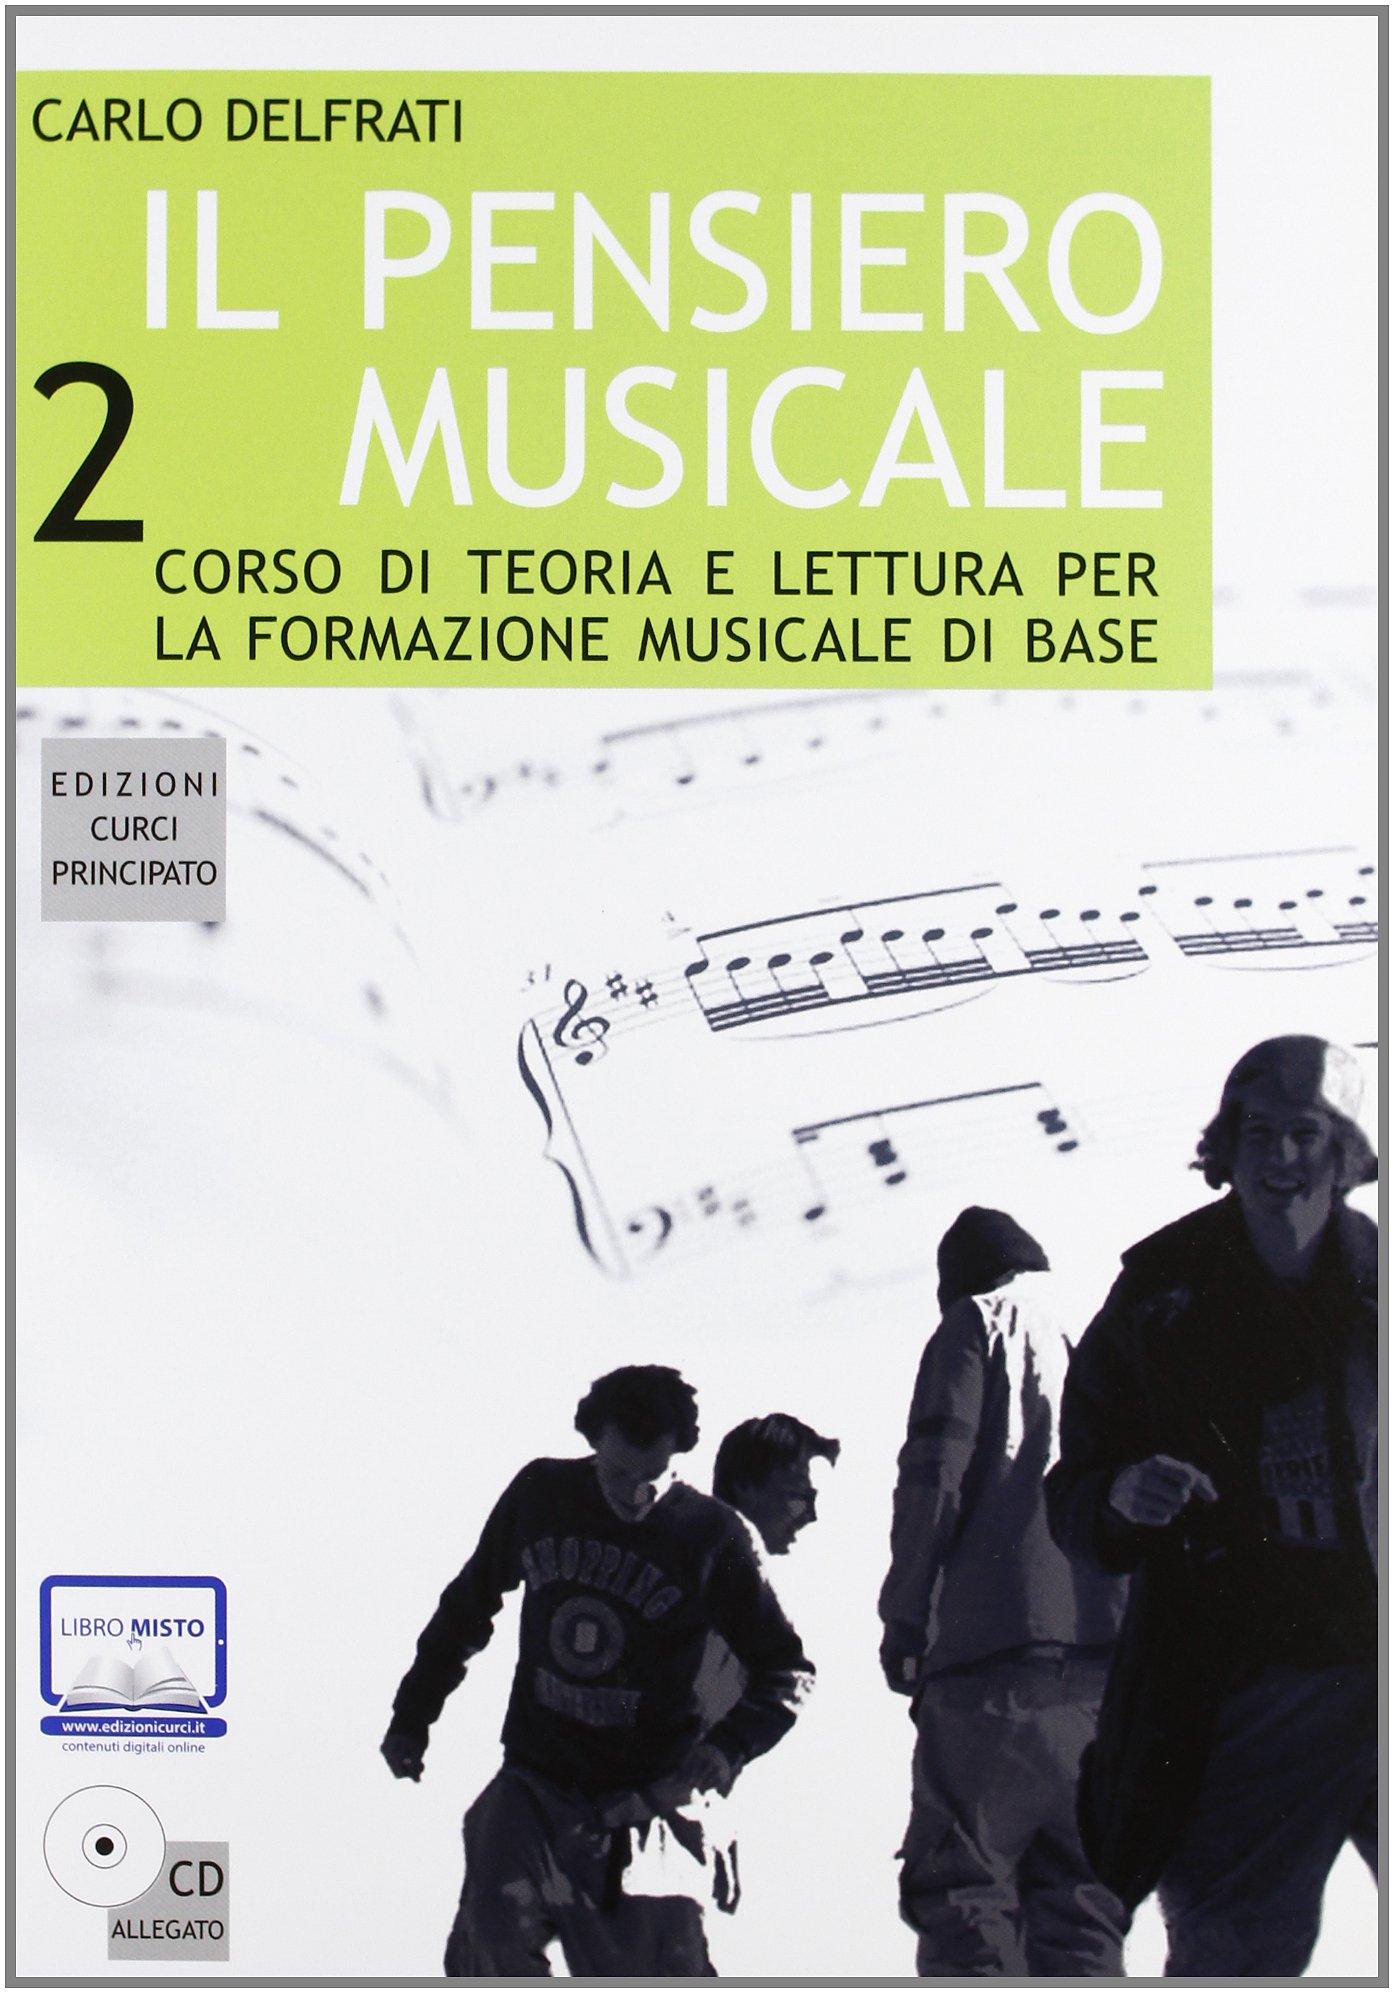 CURCI Il pensiero musicale 2 - DELFRATI